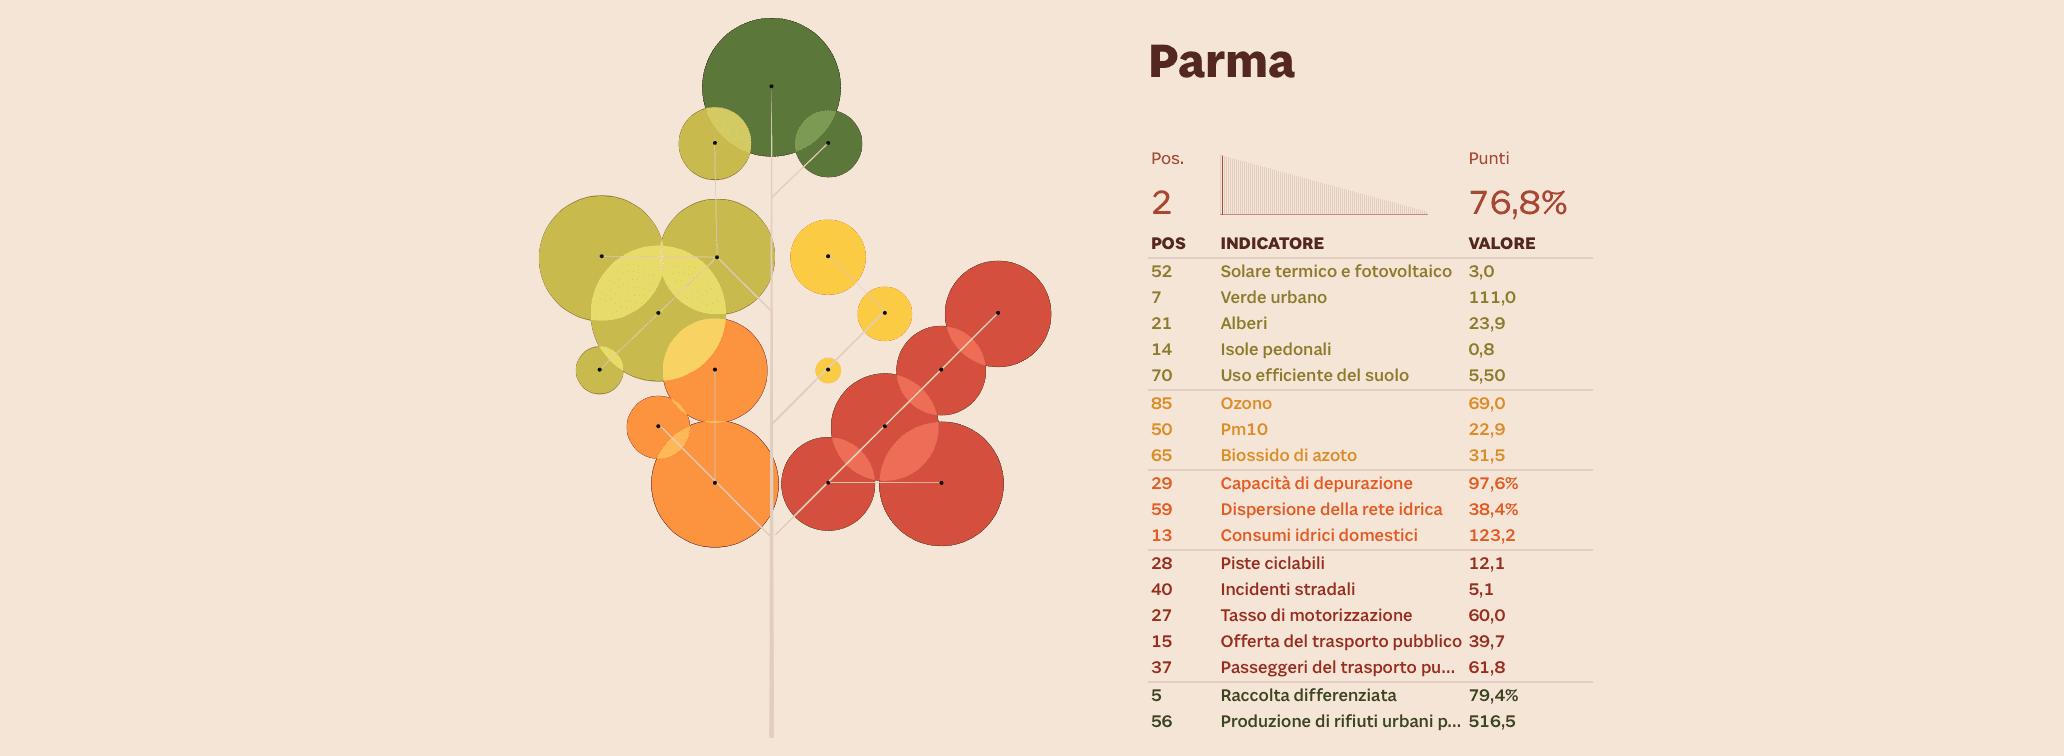 sostenibilità ambientale Parma